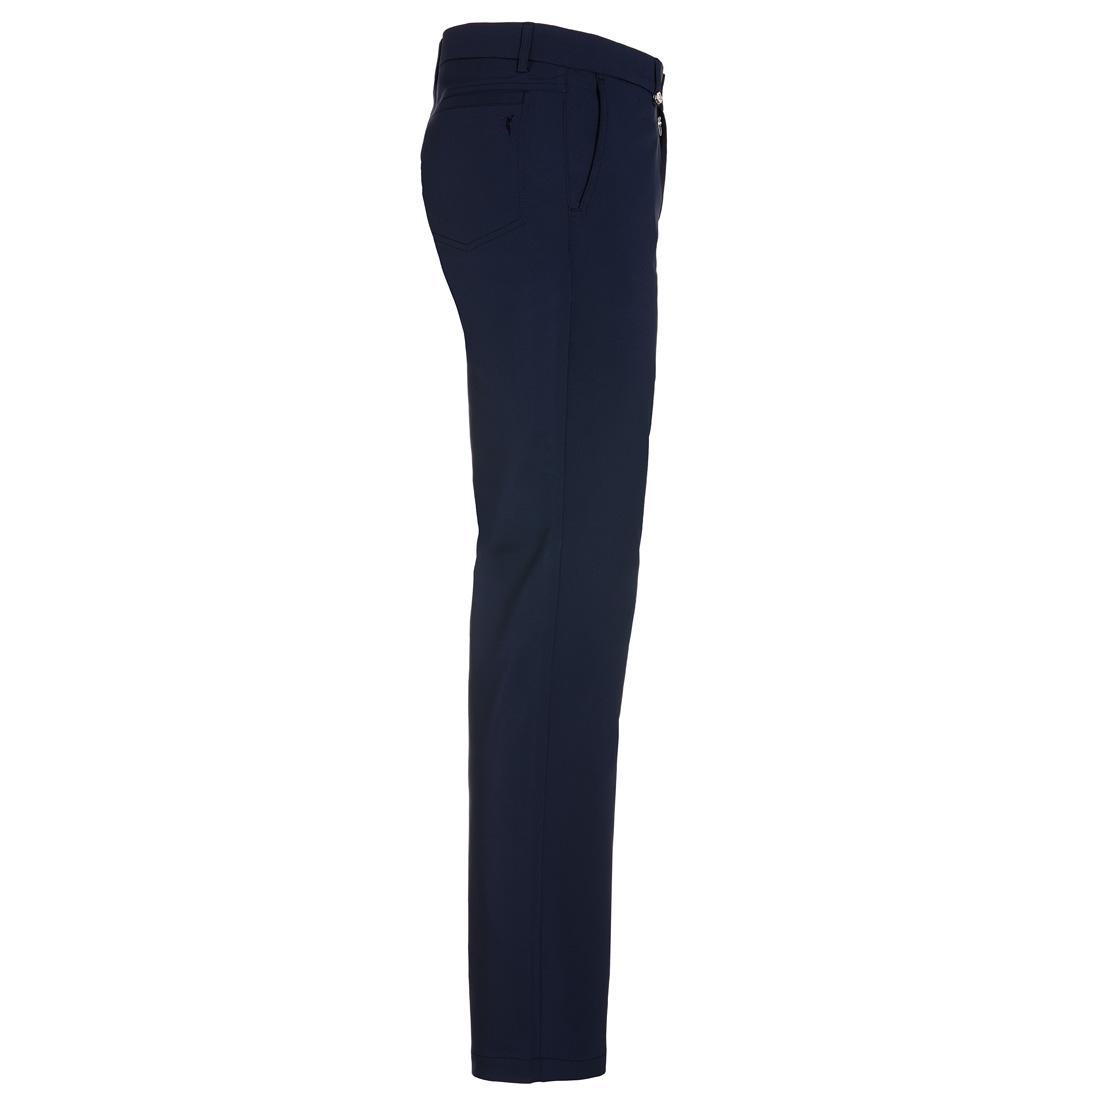 Wasserabweisende Hose Blau